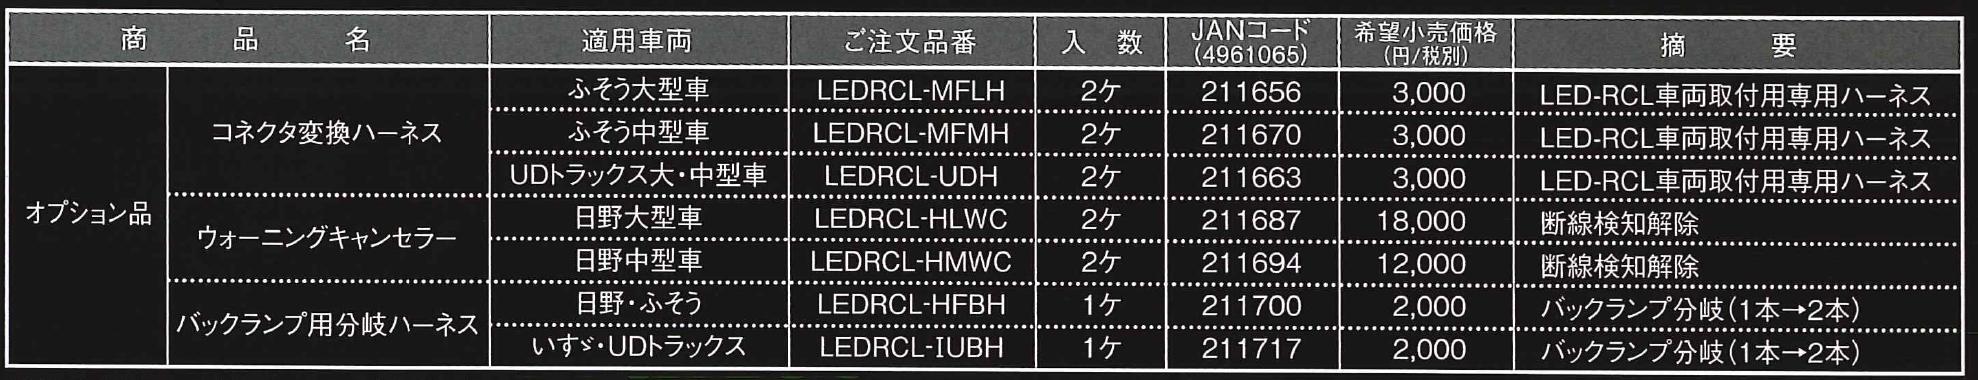 ウォーニングキャンセラー(日野中型車)